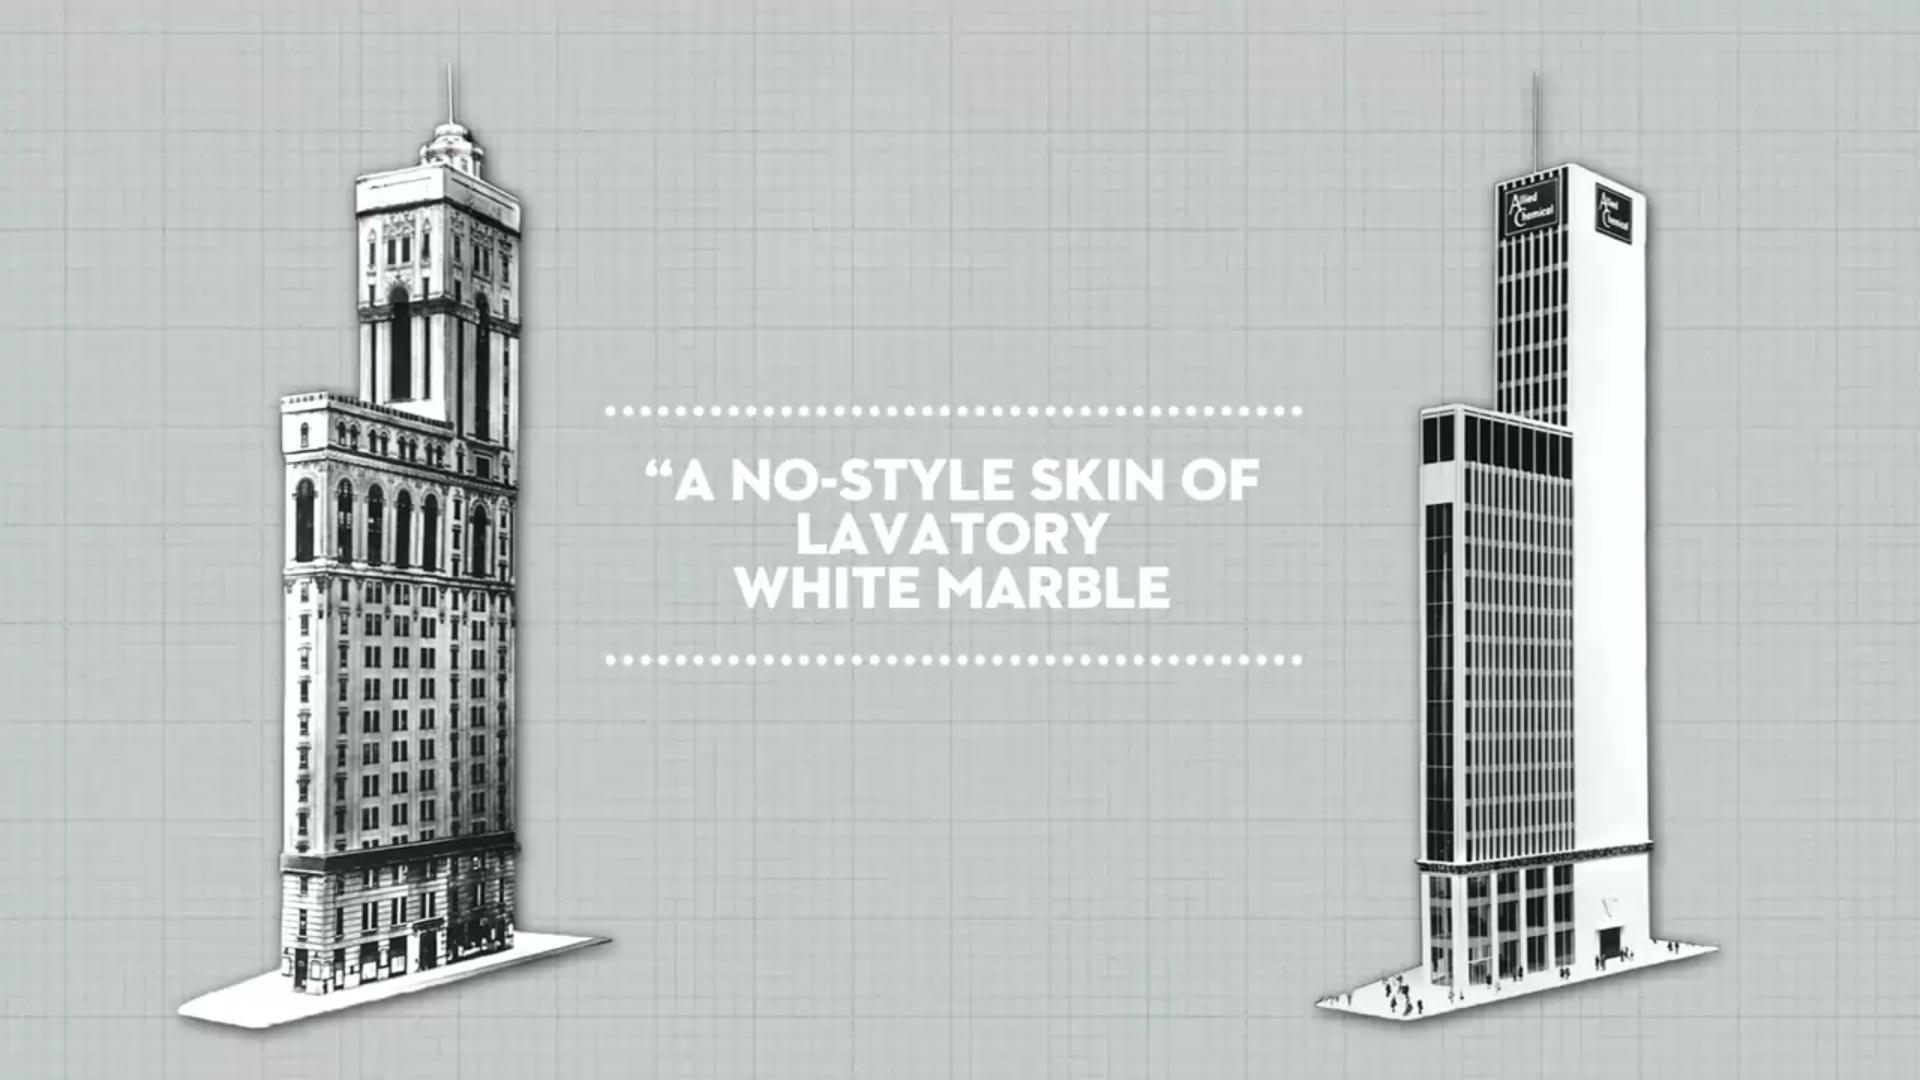 New Yorker-Reforma de la fachada para exponer las pantallas de publicidad